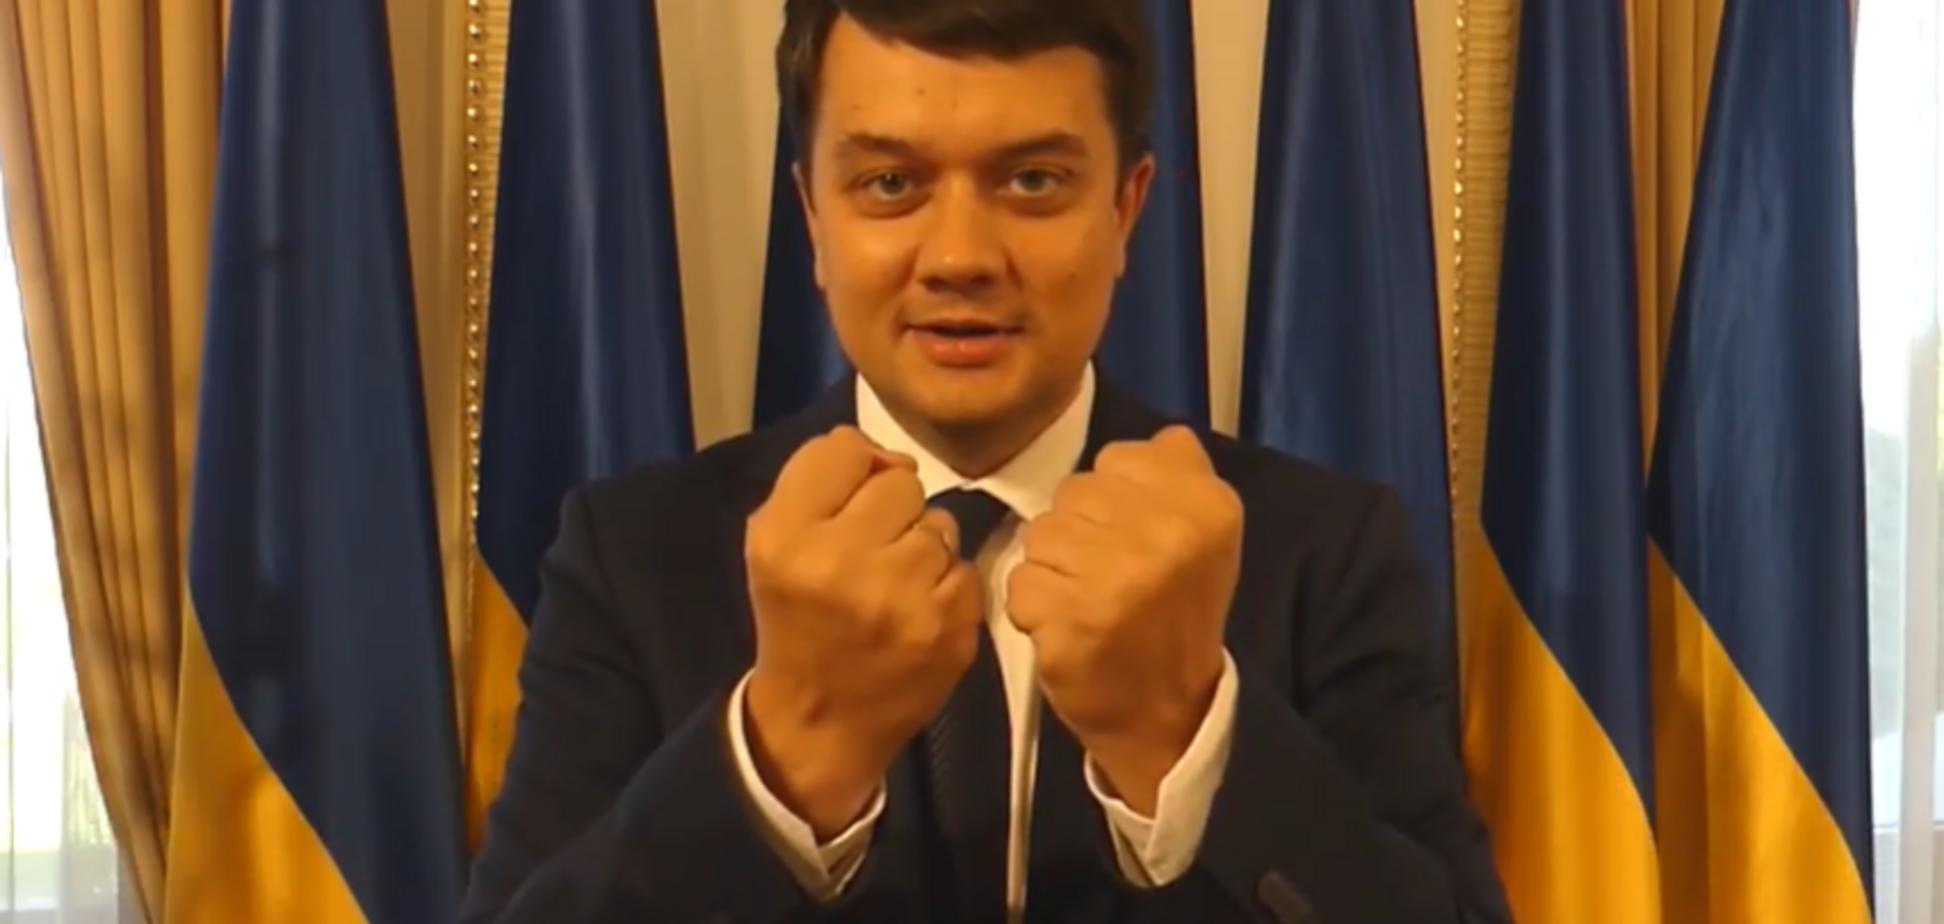 Разумков и министры записали необычные видеообращения: опубликованы ролики